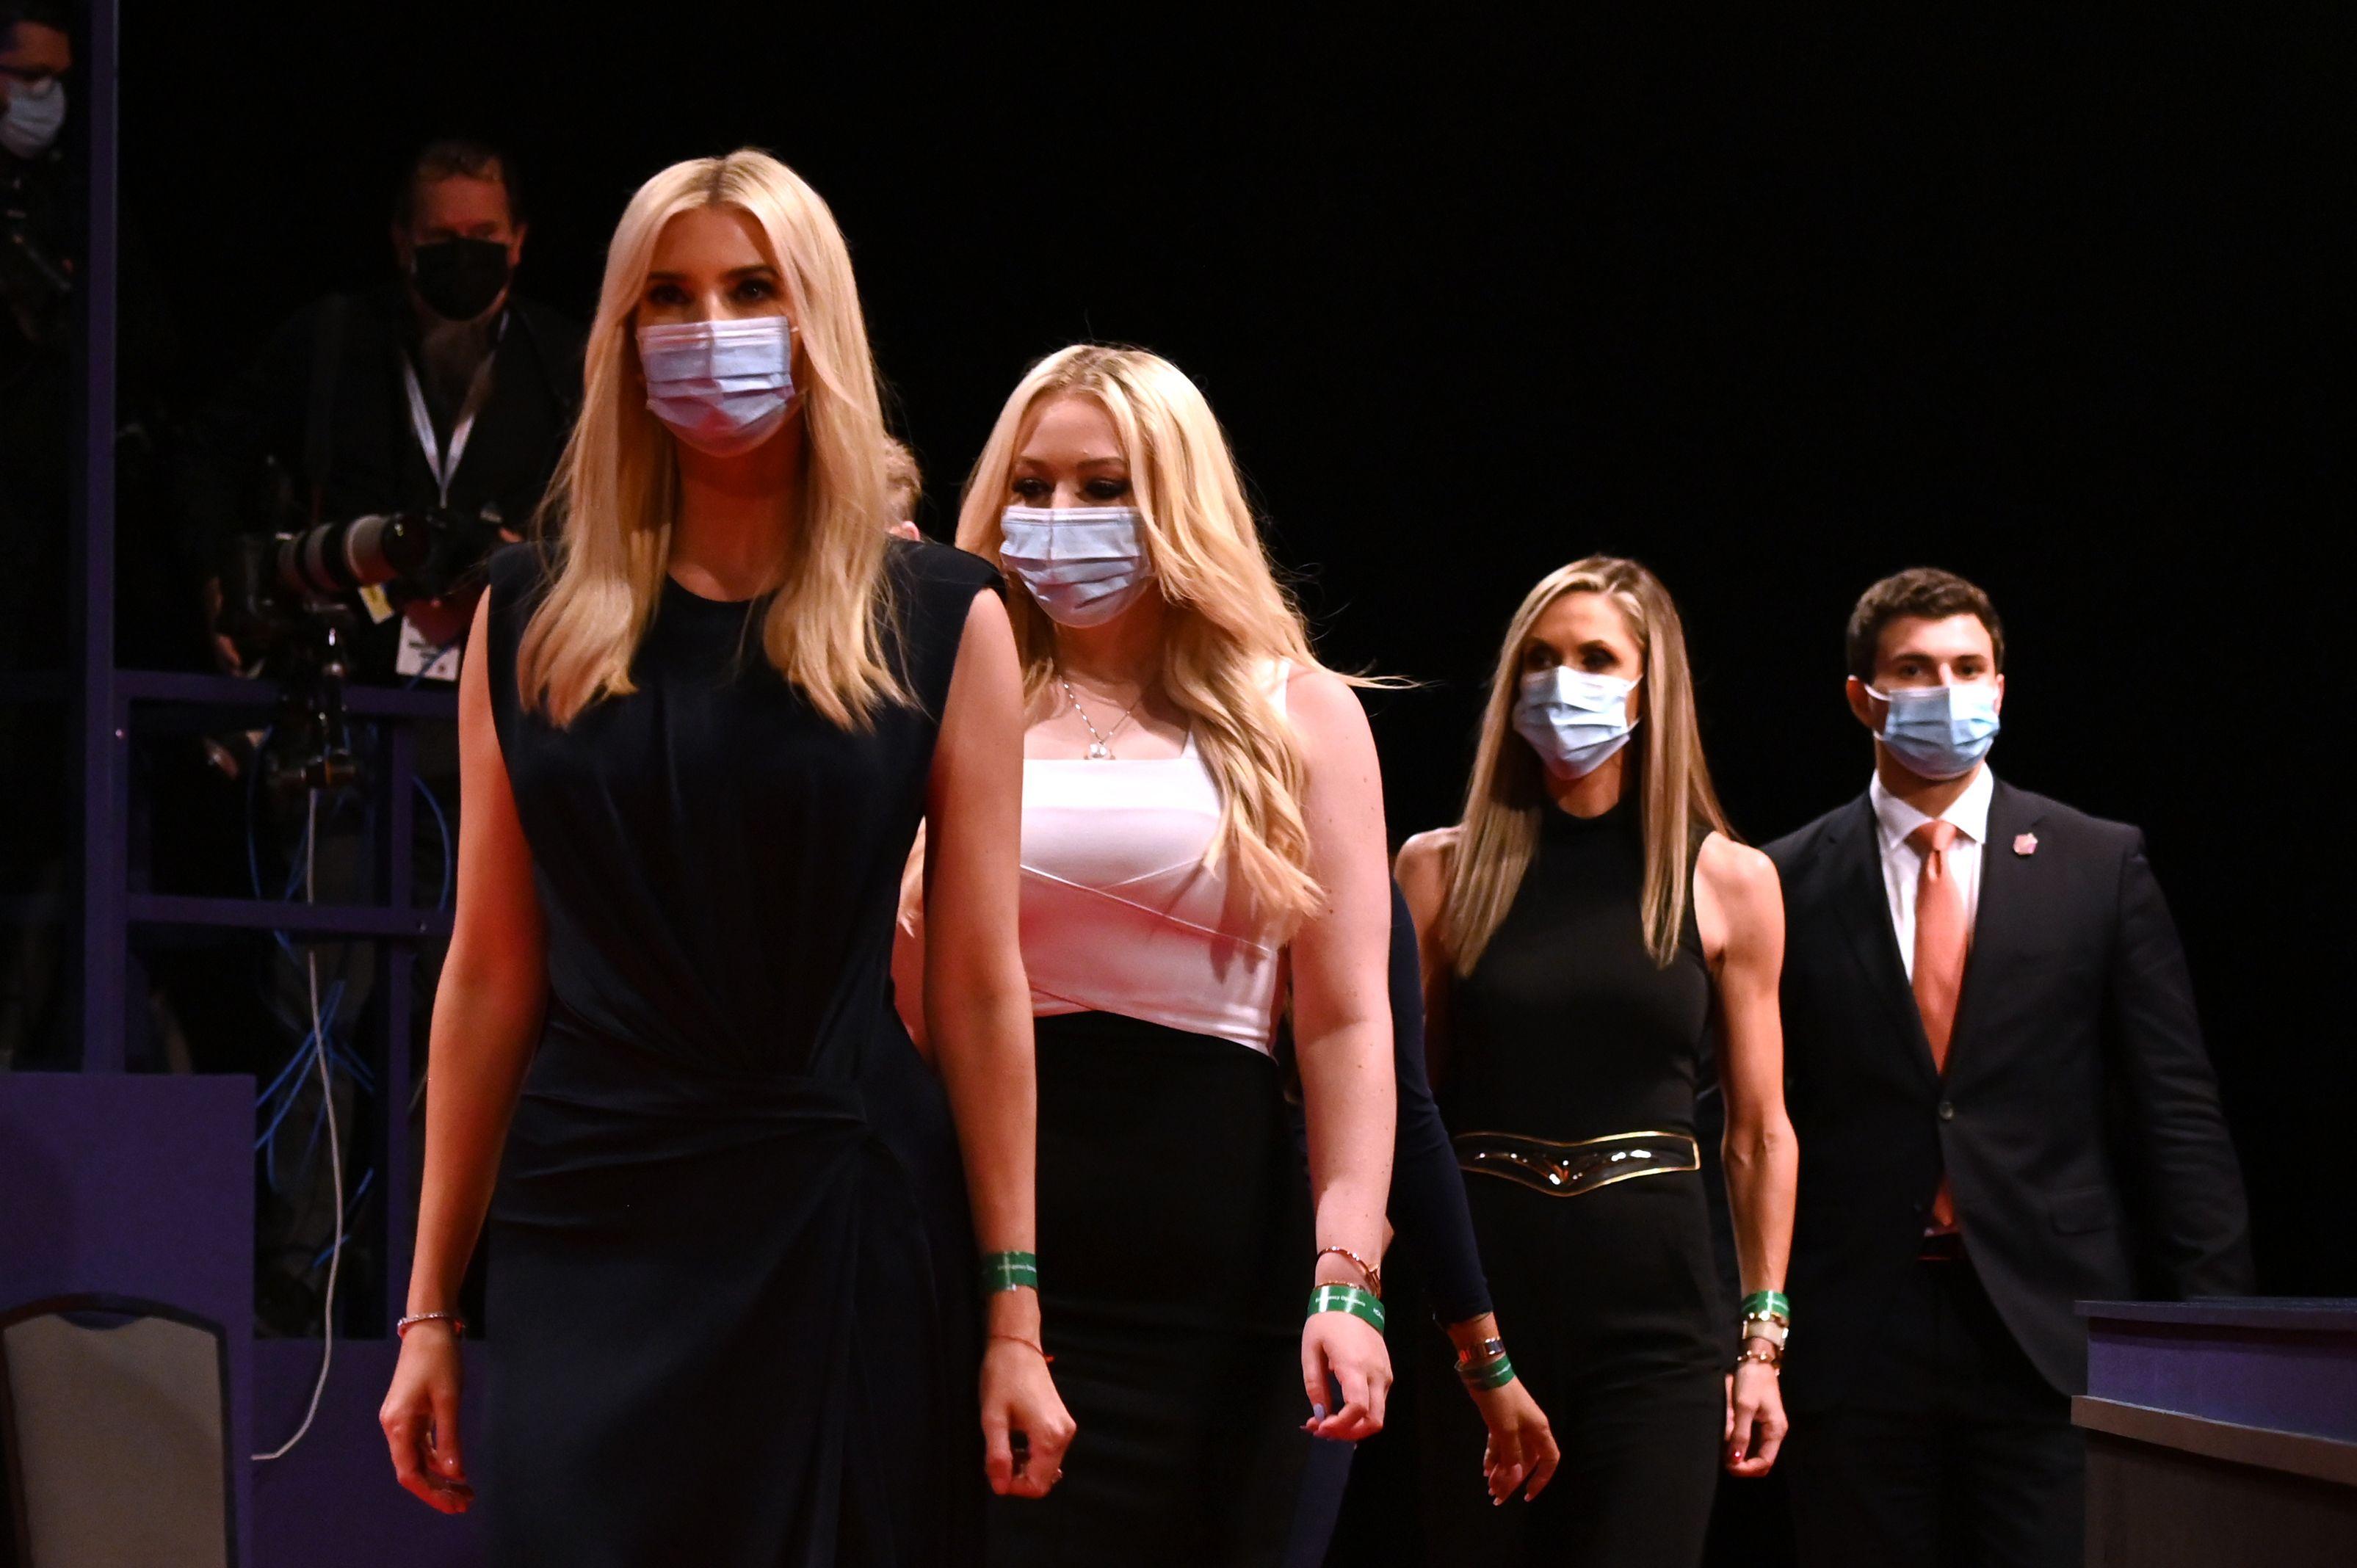 總統選舉展開最後一場電視辯論,特朗普的家人做好新型冠狀病毒預防措施,他們都戴上口罩進入辯論現場。    法新社